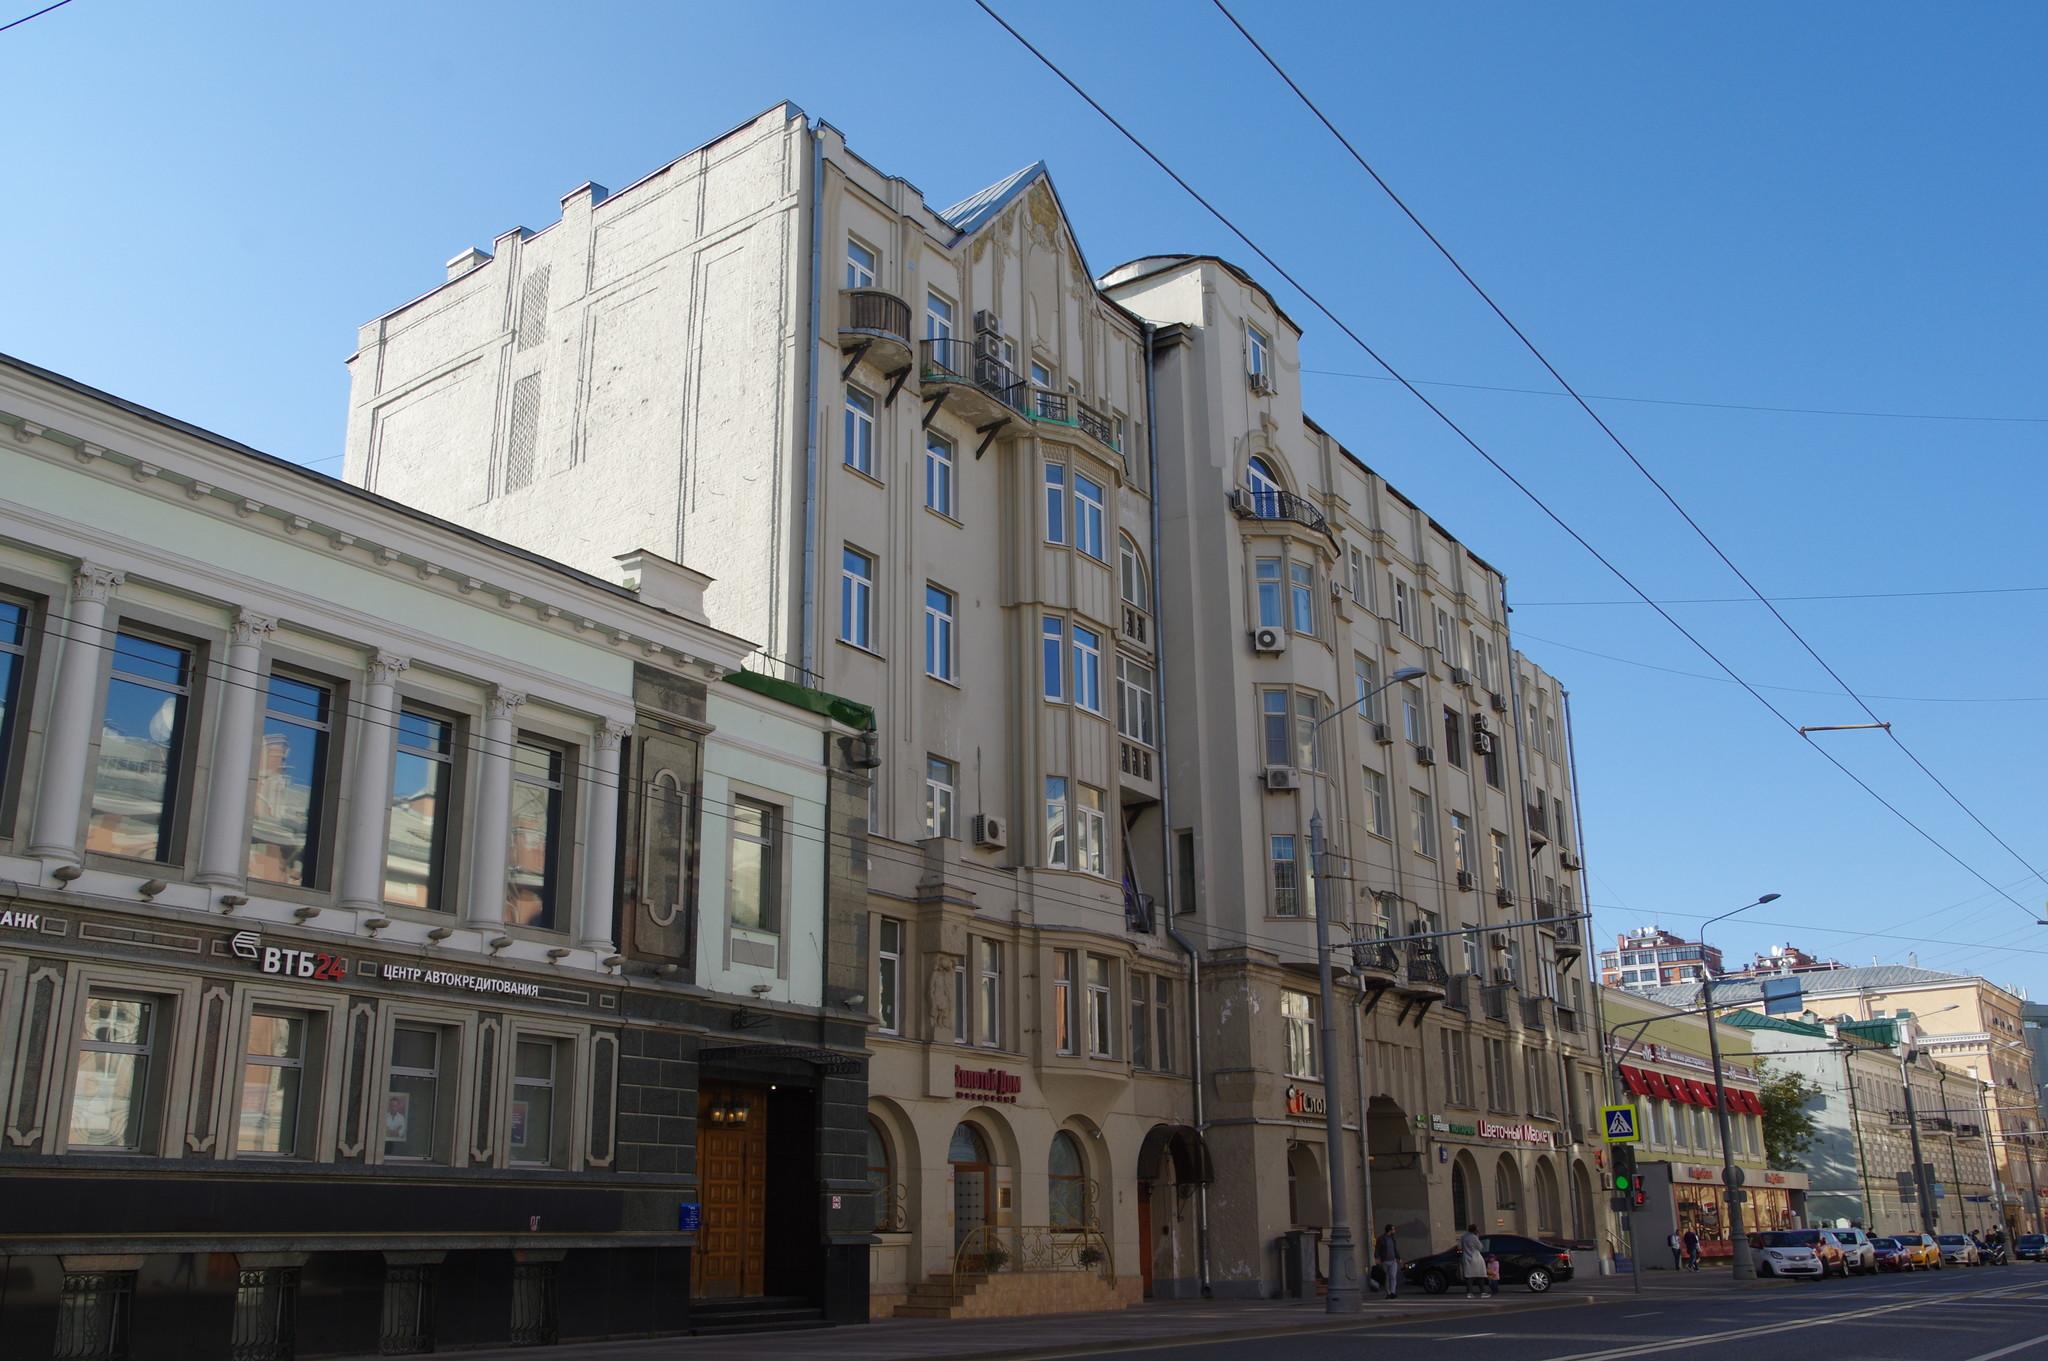 Доходный дом М.И. Фишера («Долгоруковского товарищества для устройства квартир»). Долгоруковская улица, дом 29